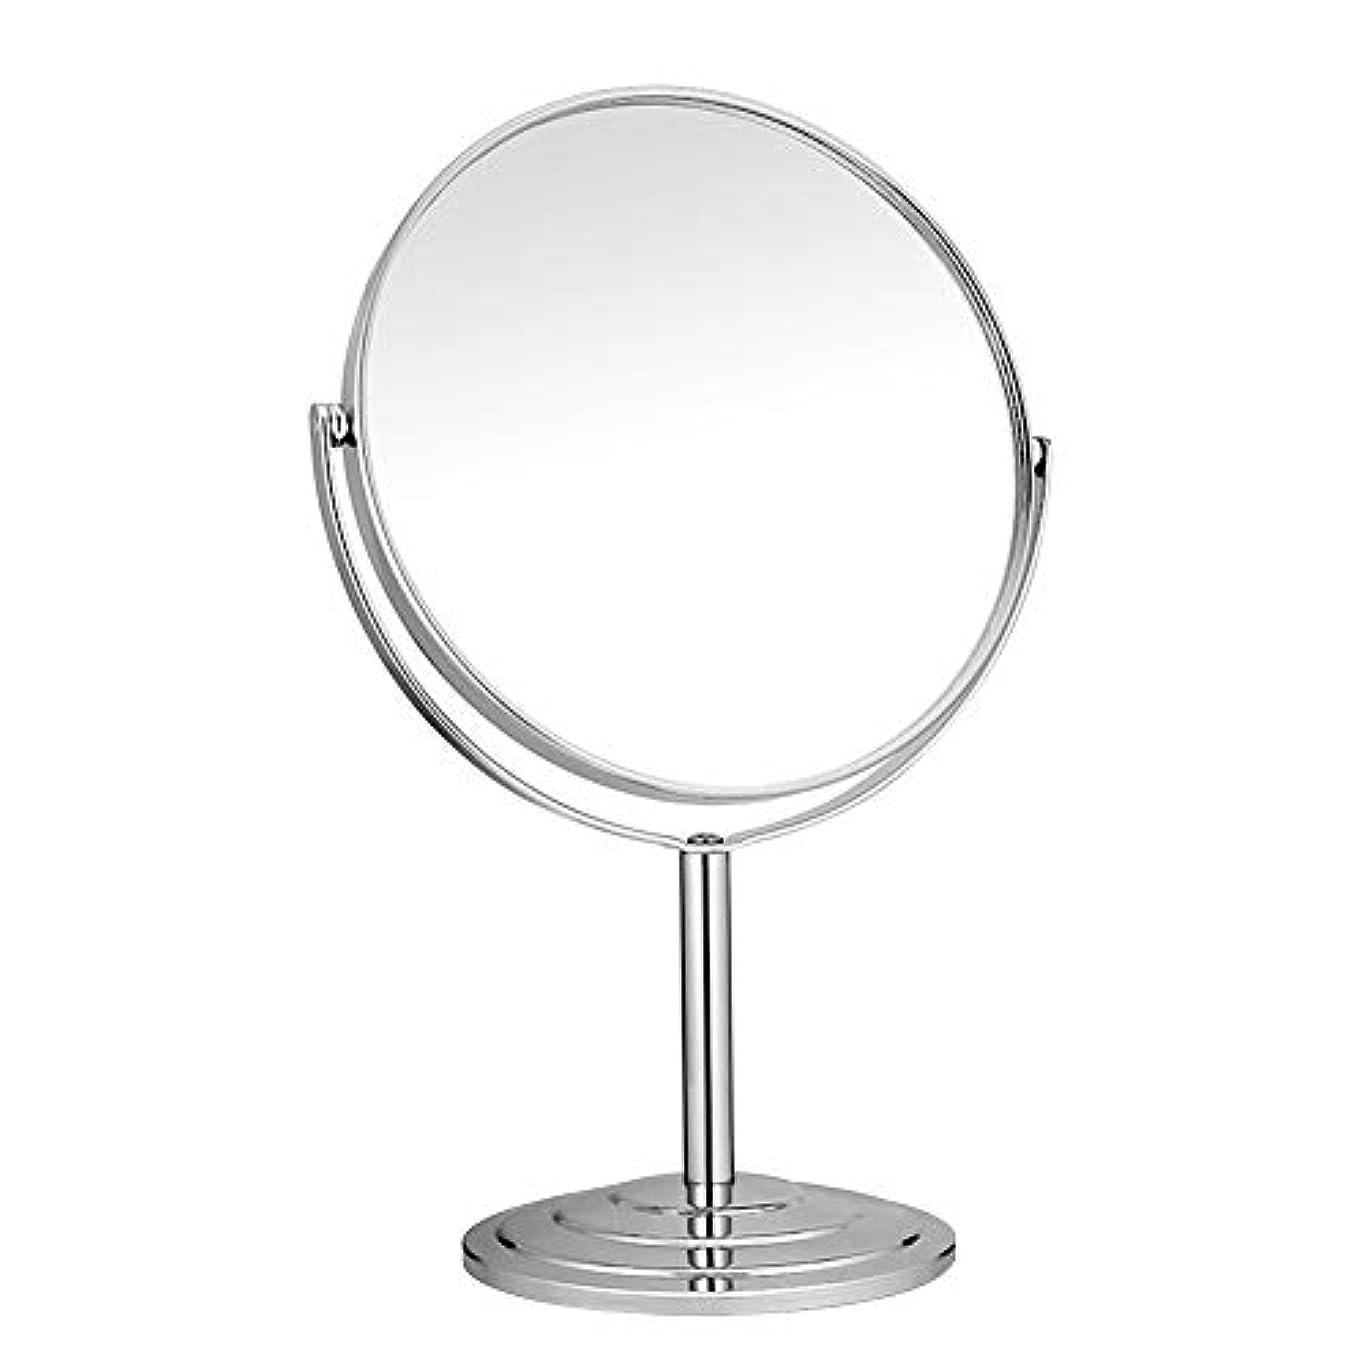 心配する移民突破口RAAKIMO 卓上化粧鏡 メイクミラー 3倍拡大鏡+等倍鏡 両面型 スタンド 360度回転 シルバー (鏡面15cm)